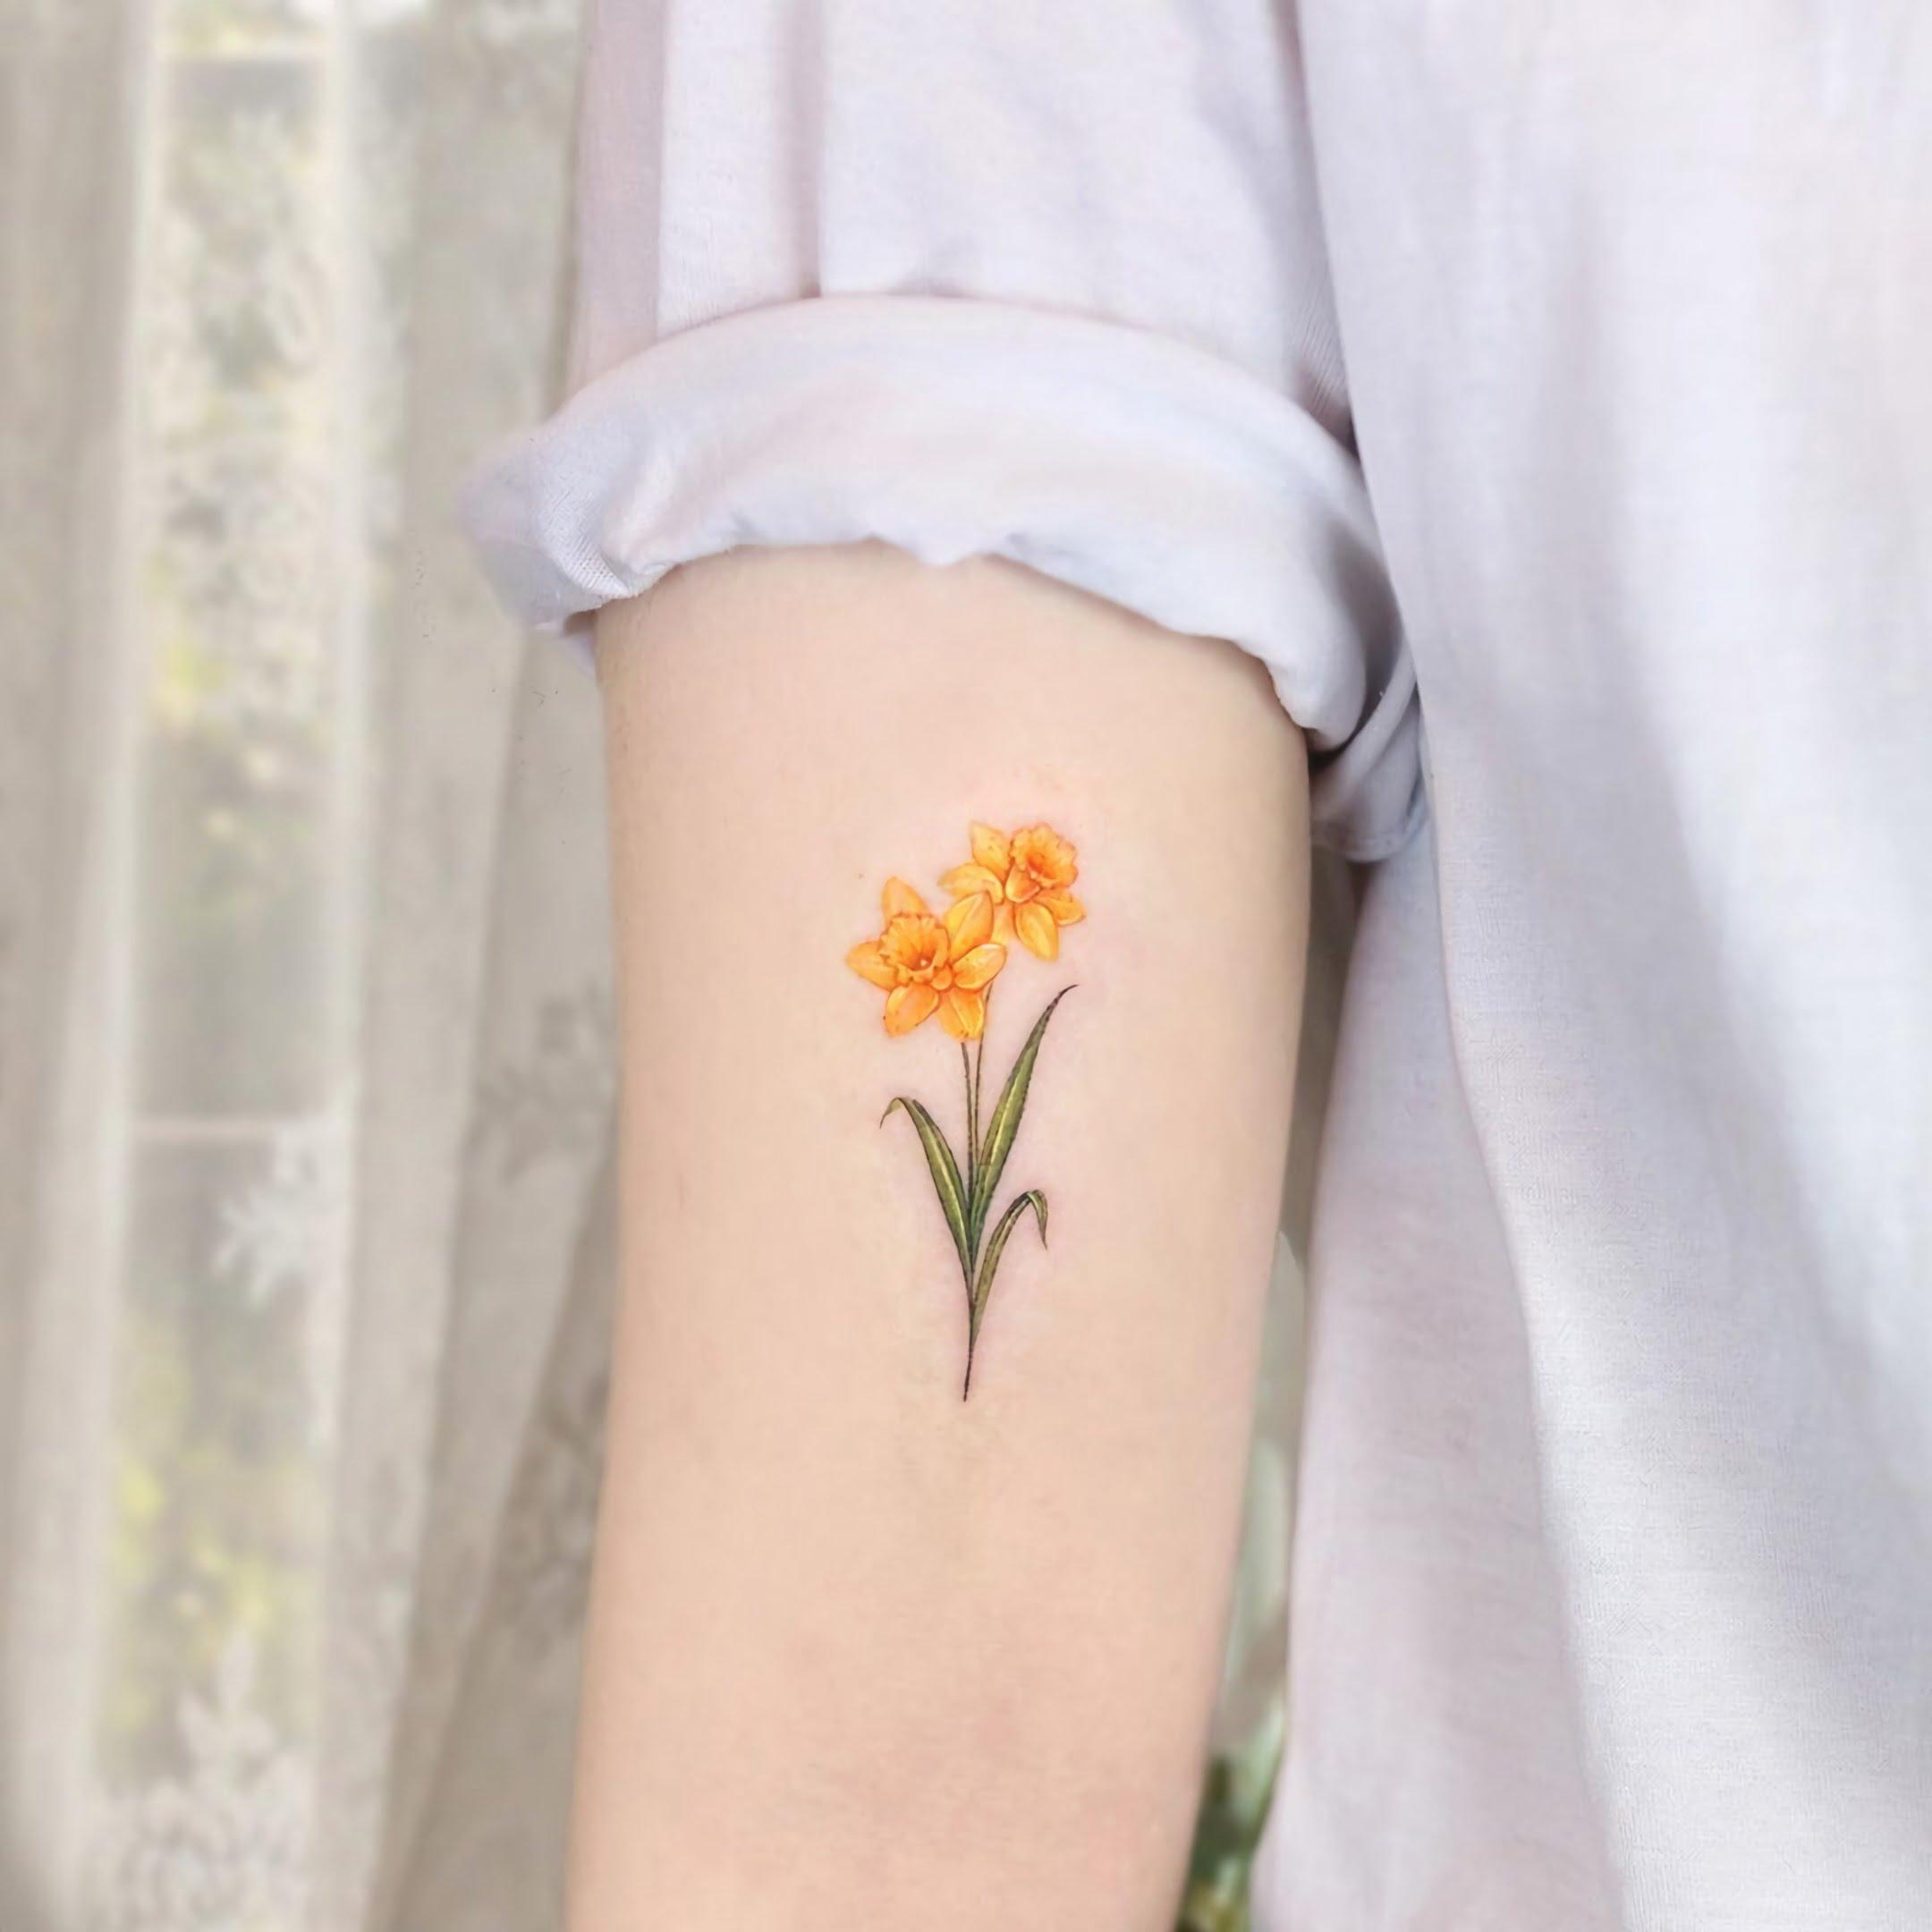 модная татуировка нарцисса на руке для девушек